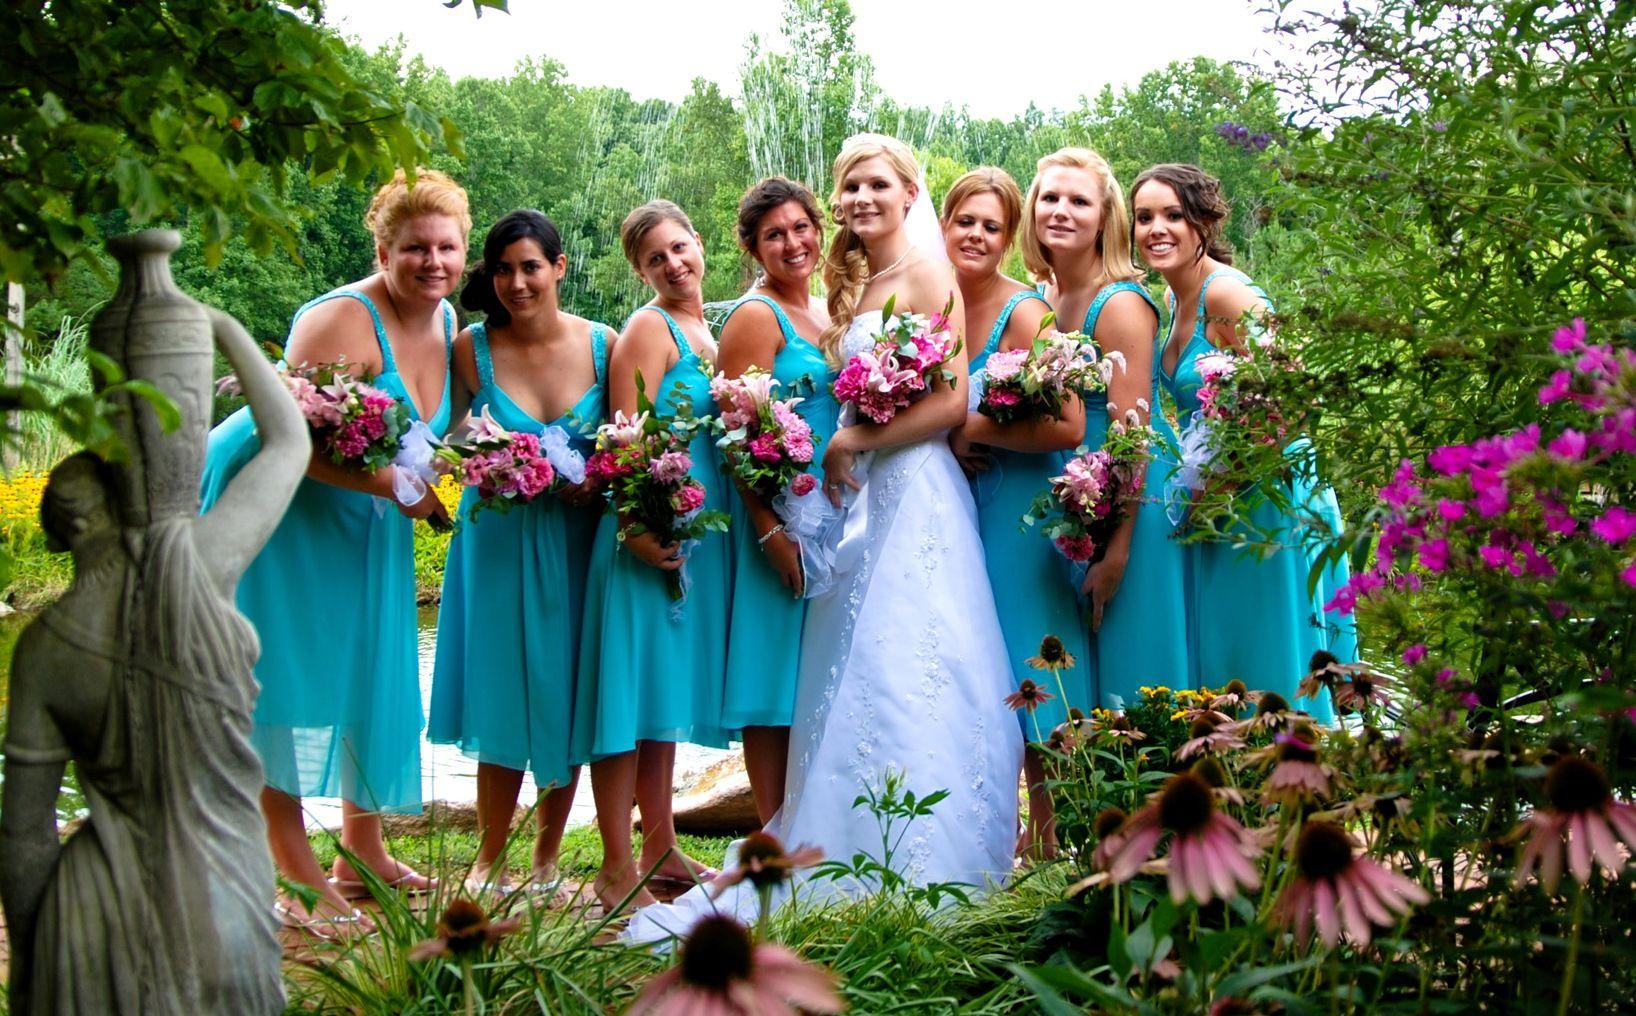 Damas de honor a juego | Wedding day | Pinterest | Damitas de honor ...